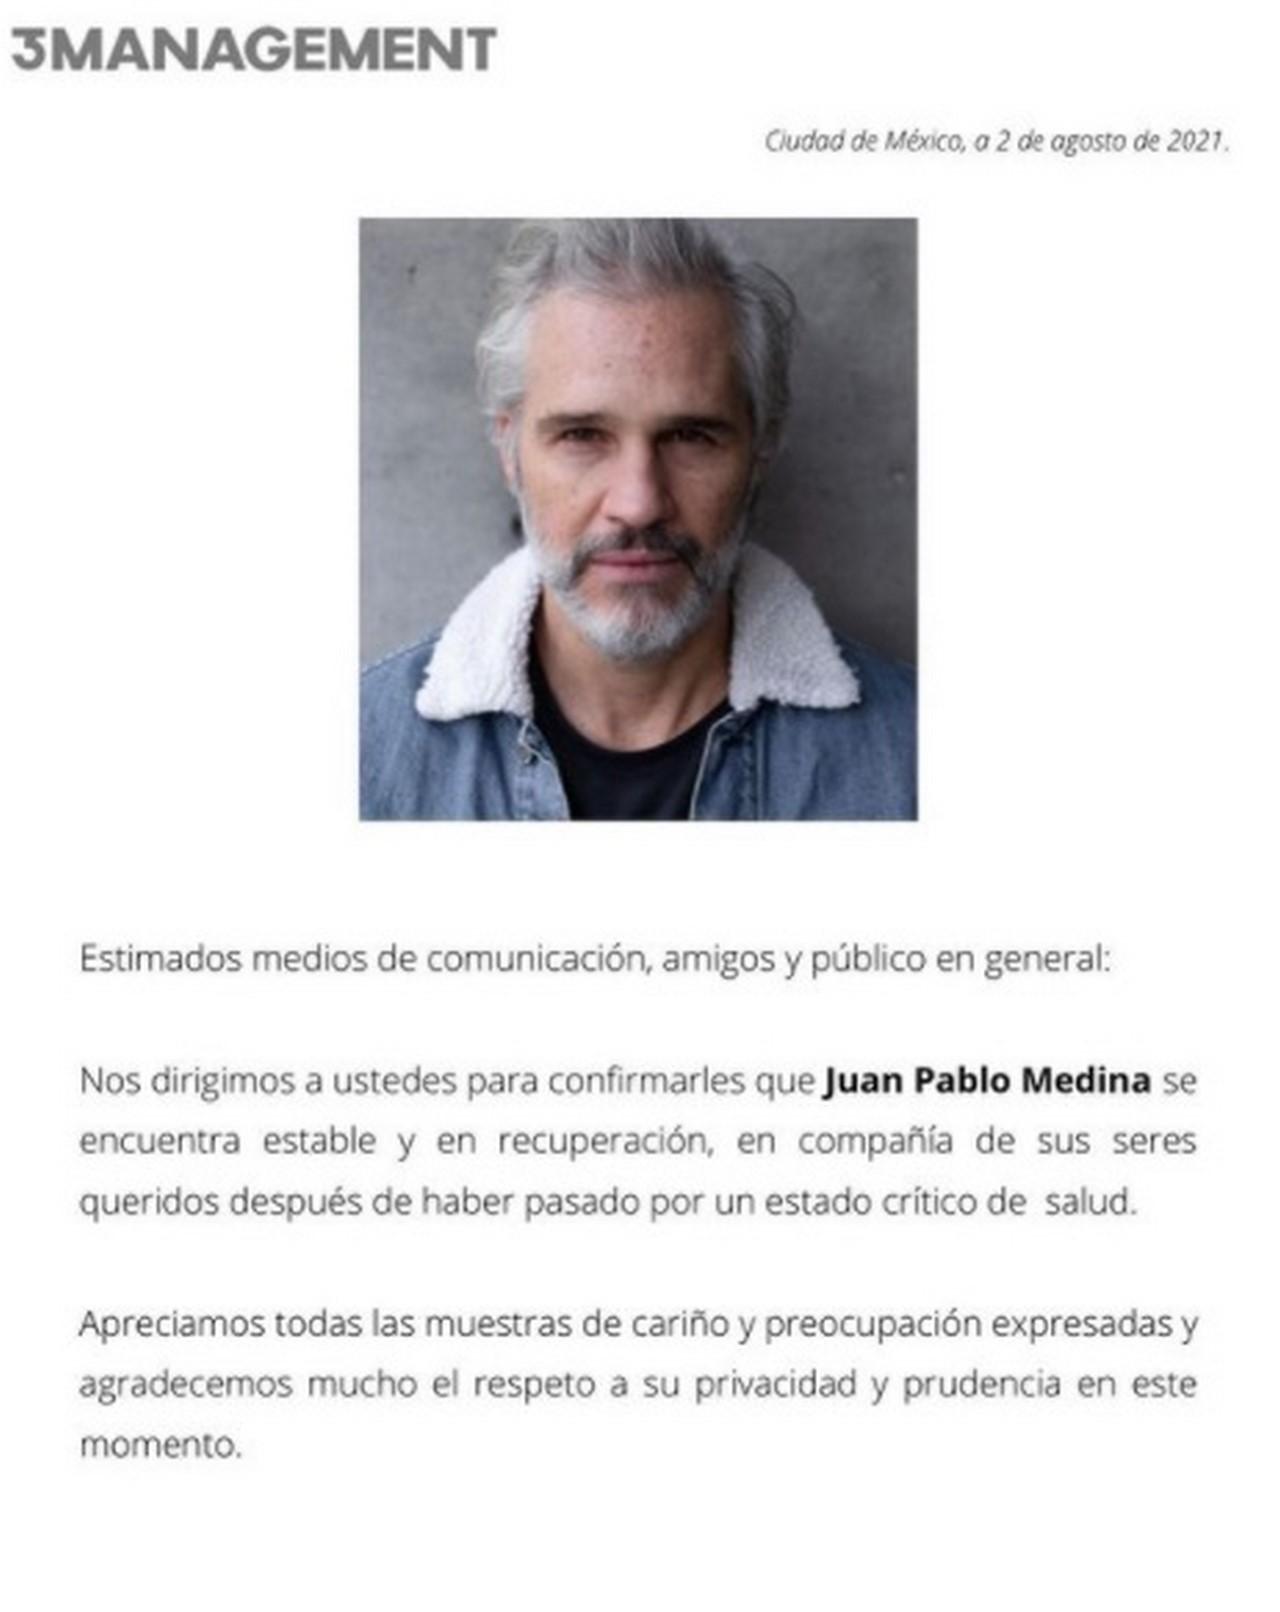 Juan Pablo Medina pierde una pierna